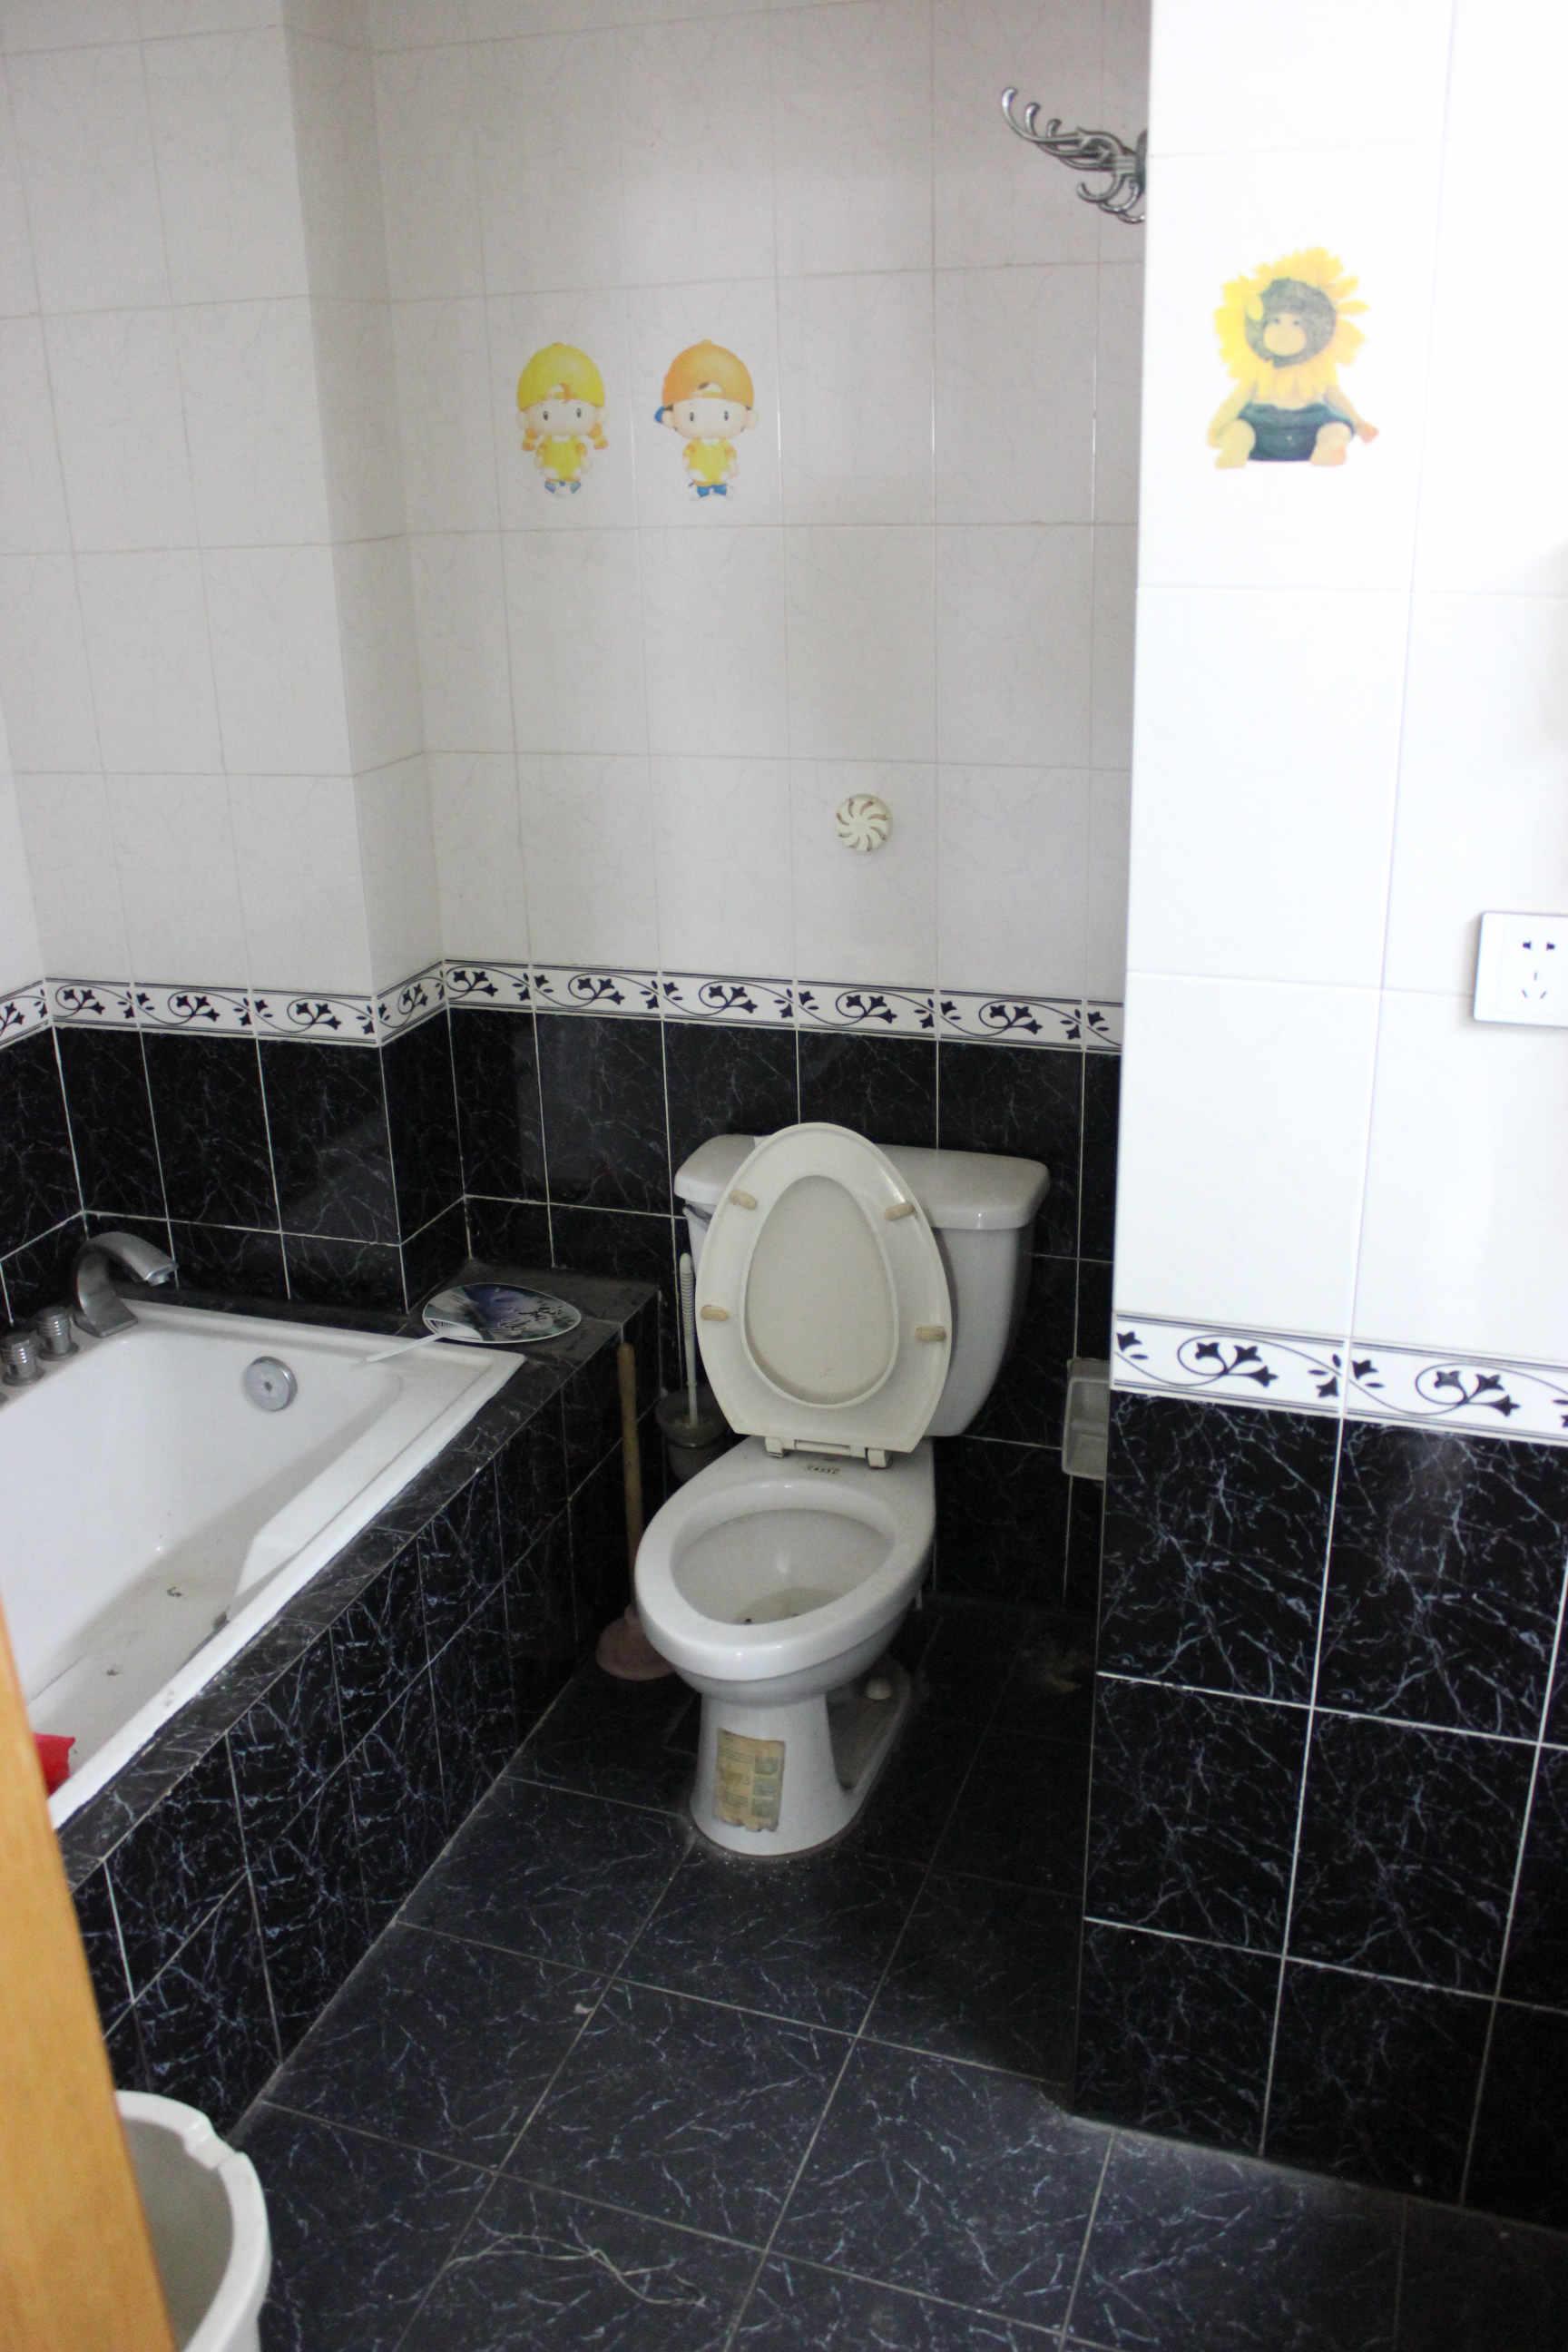 包下水管道_我家楼上卫生间管道井和浴缸部位漏水,水从我家的管道井流 ...